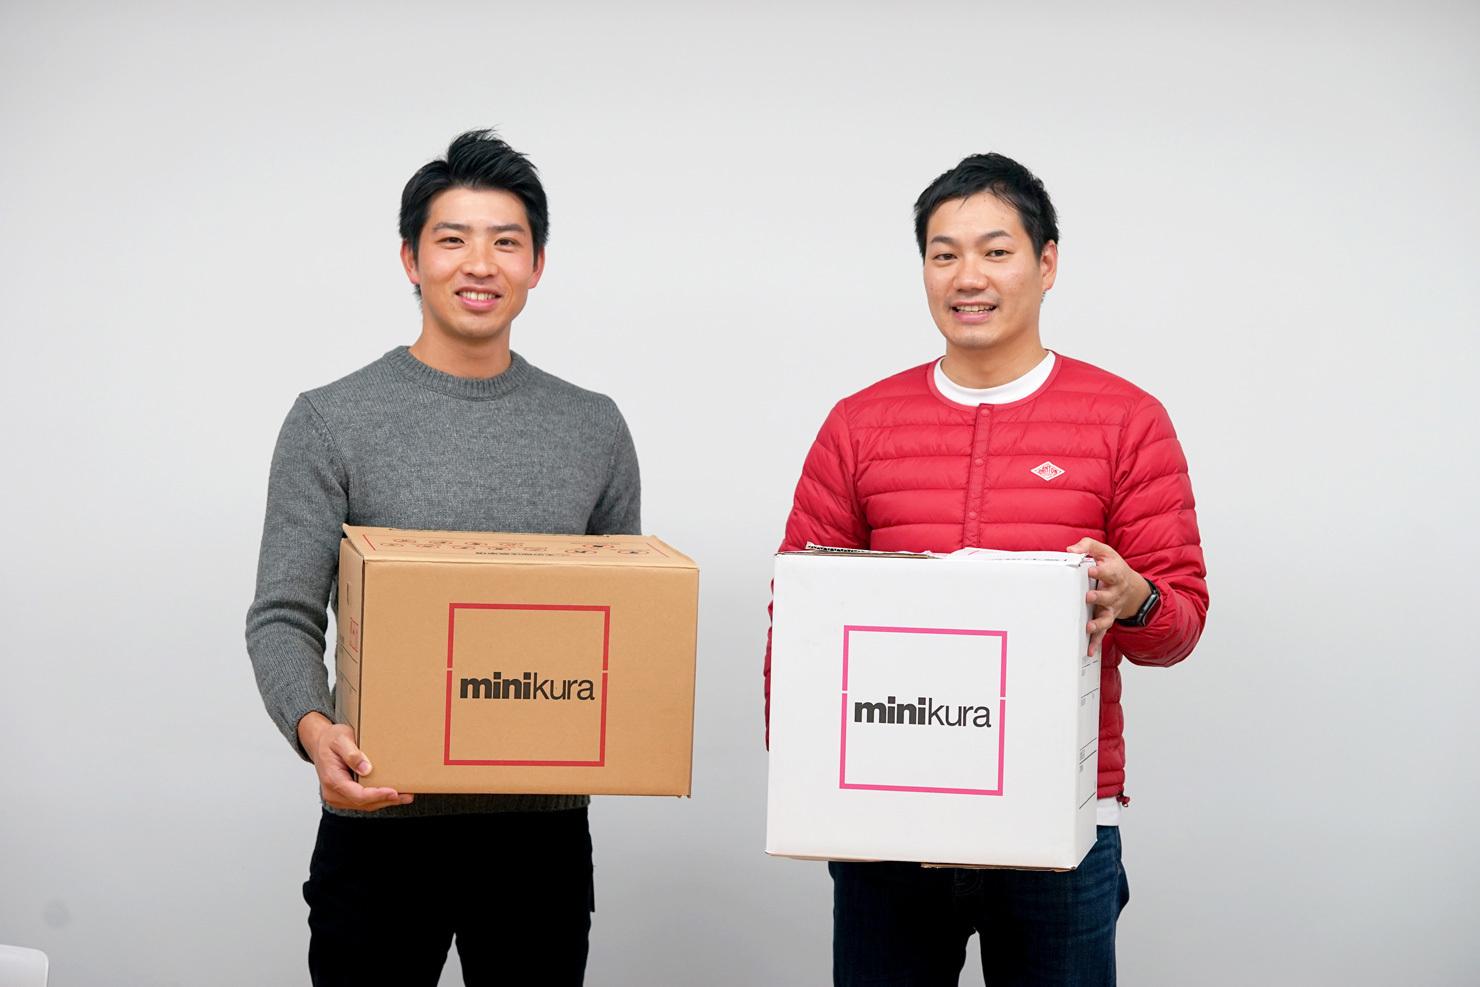 箱単位で預ける自分の倉庫、「minikura」